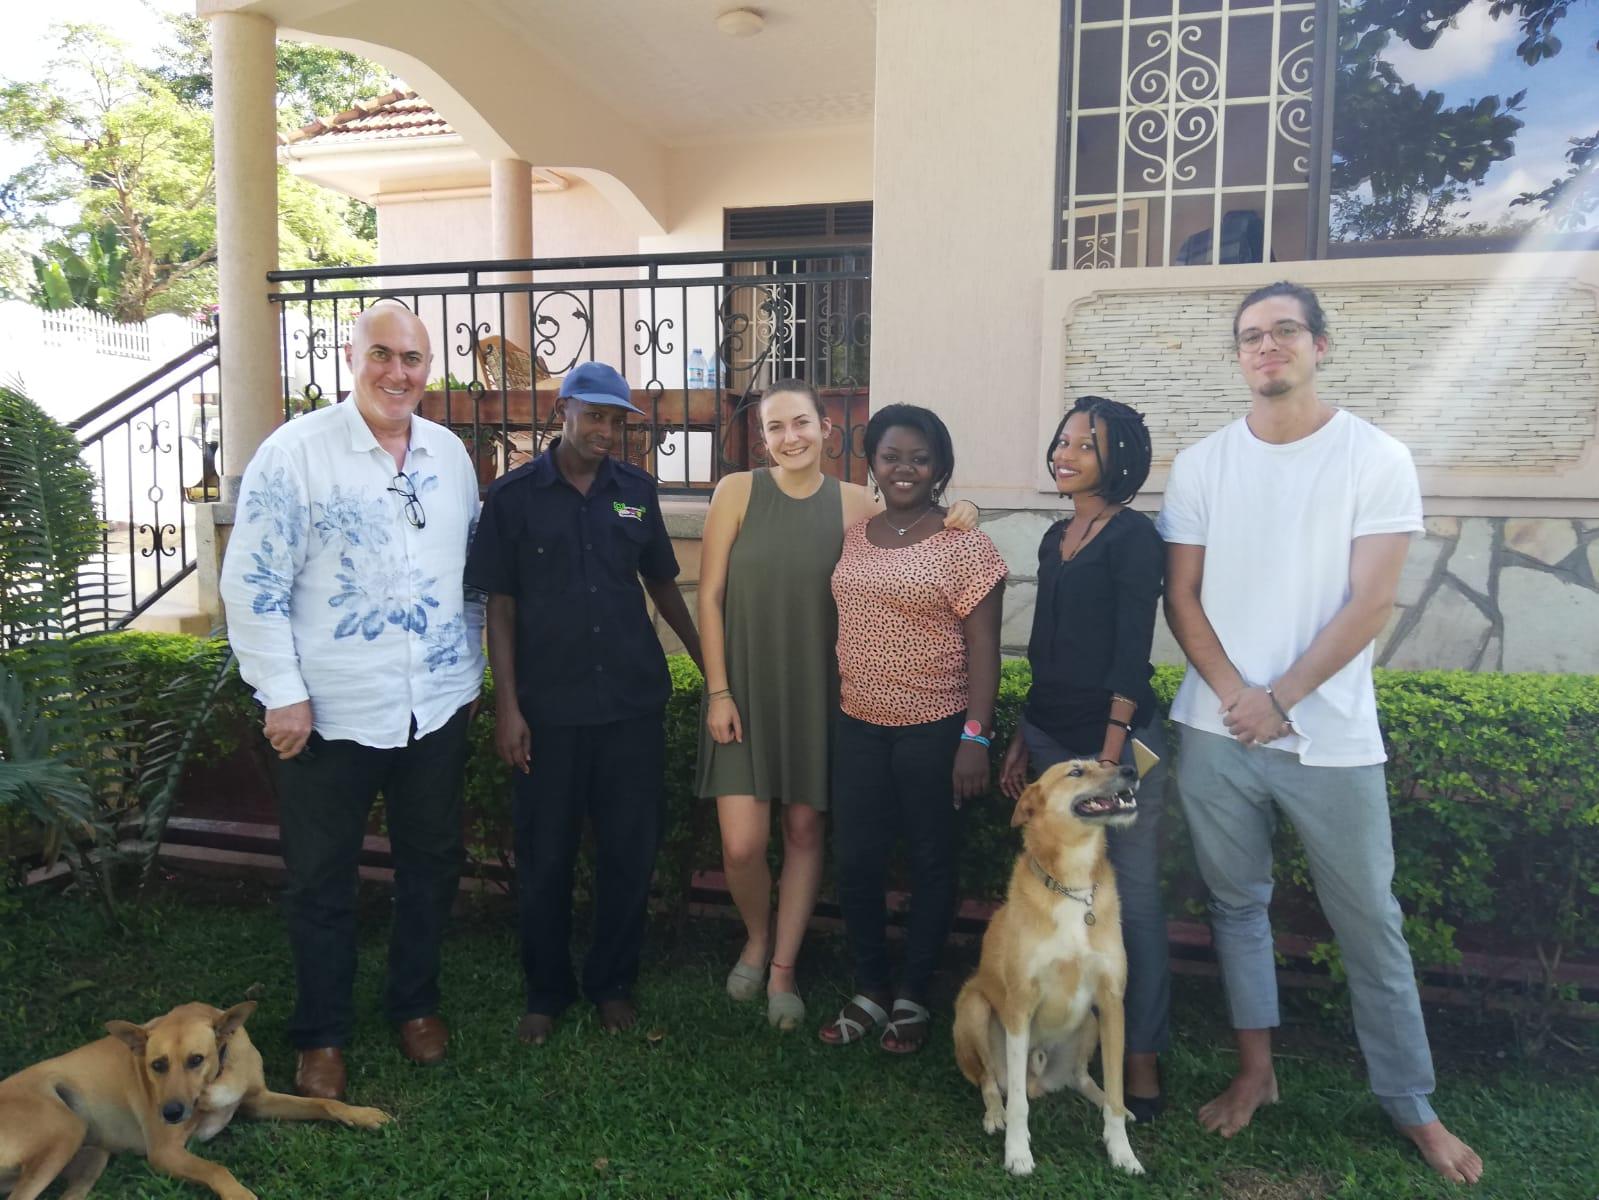 Celine Raffling (Mitte) zusammen mit ihren Mitbewohnerinnen und Mitbewohnern, Arbeitskolleginnen und Arbeitskollegen sowie zweien ihrer vier Hunde.